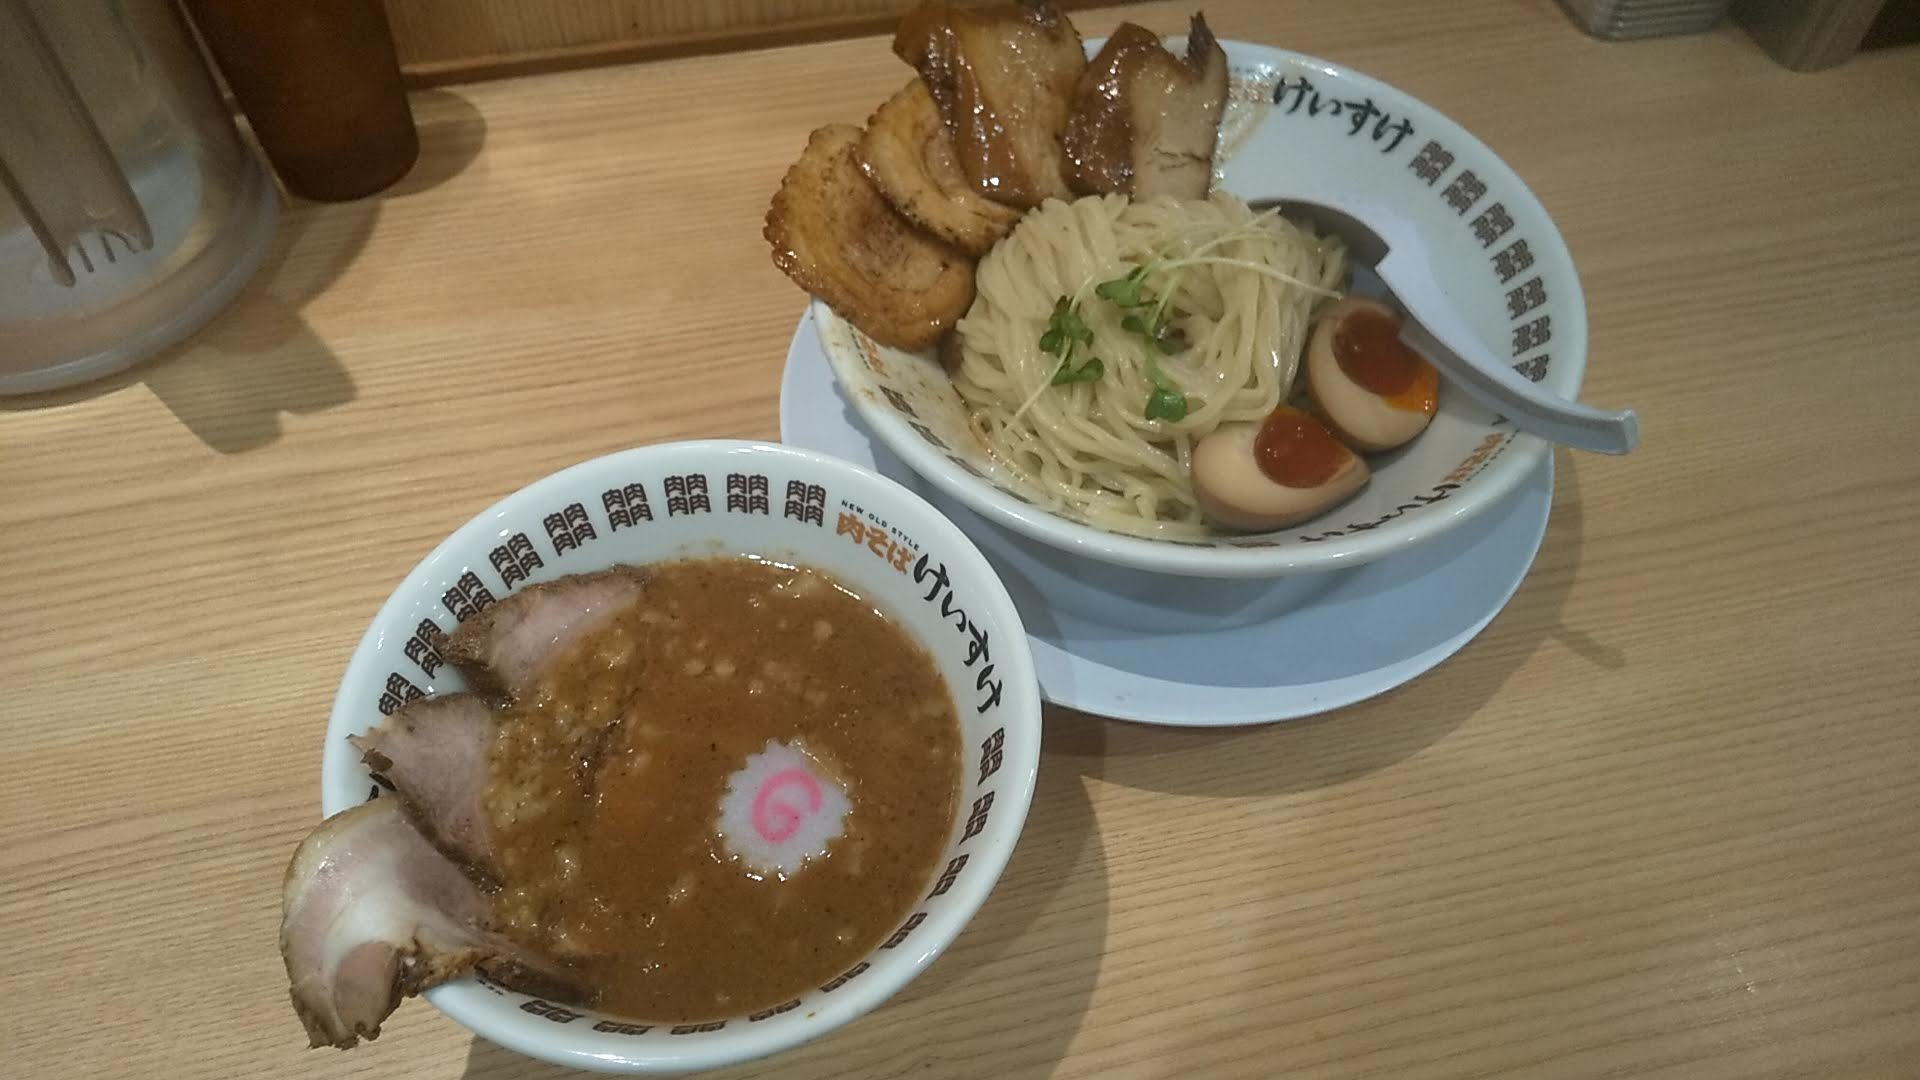 肉そばけいすけ錦糸町店の濃厚魚介つけ麺スペシャル